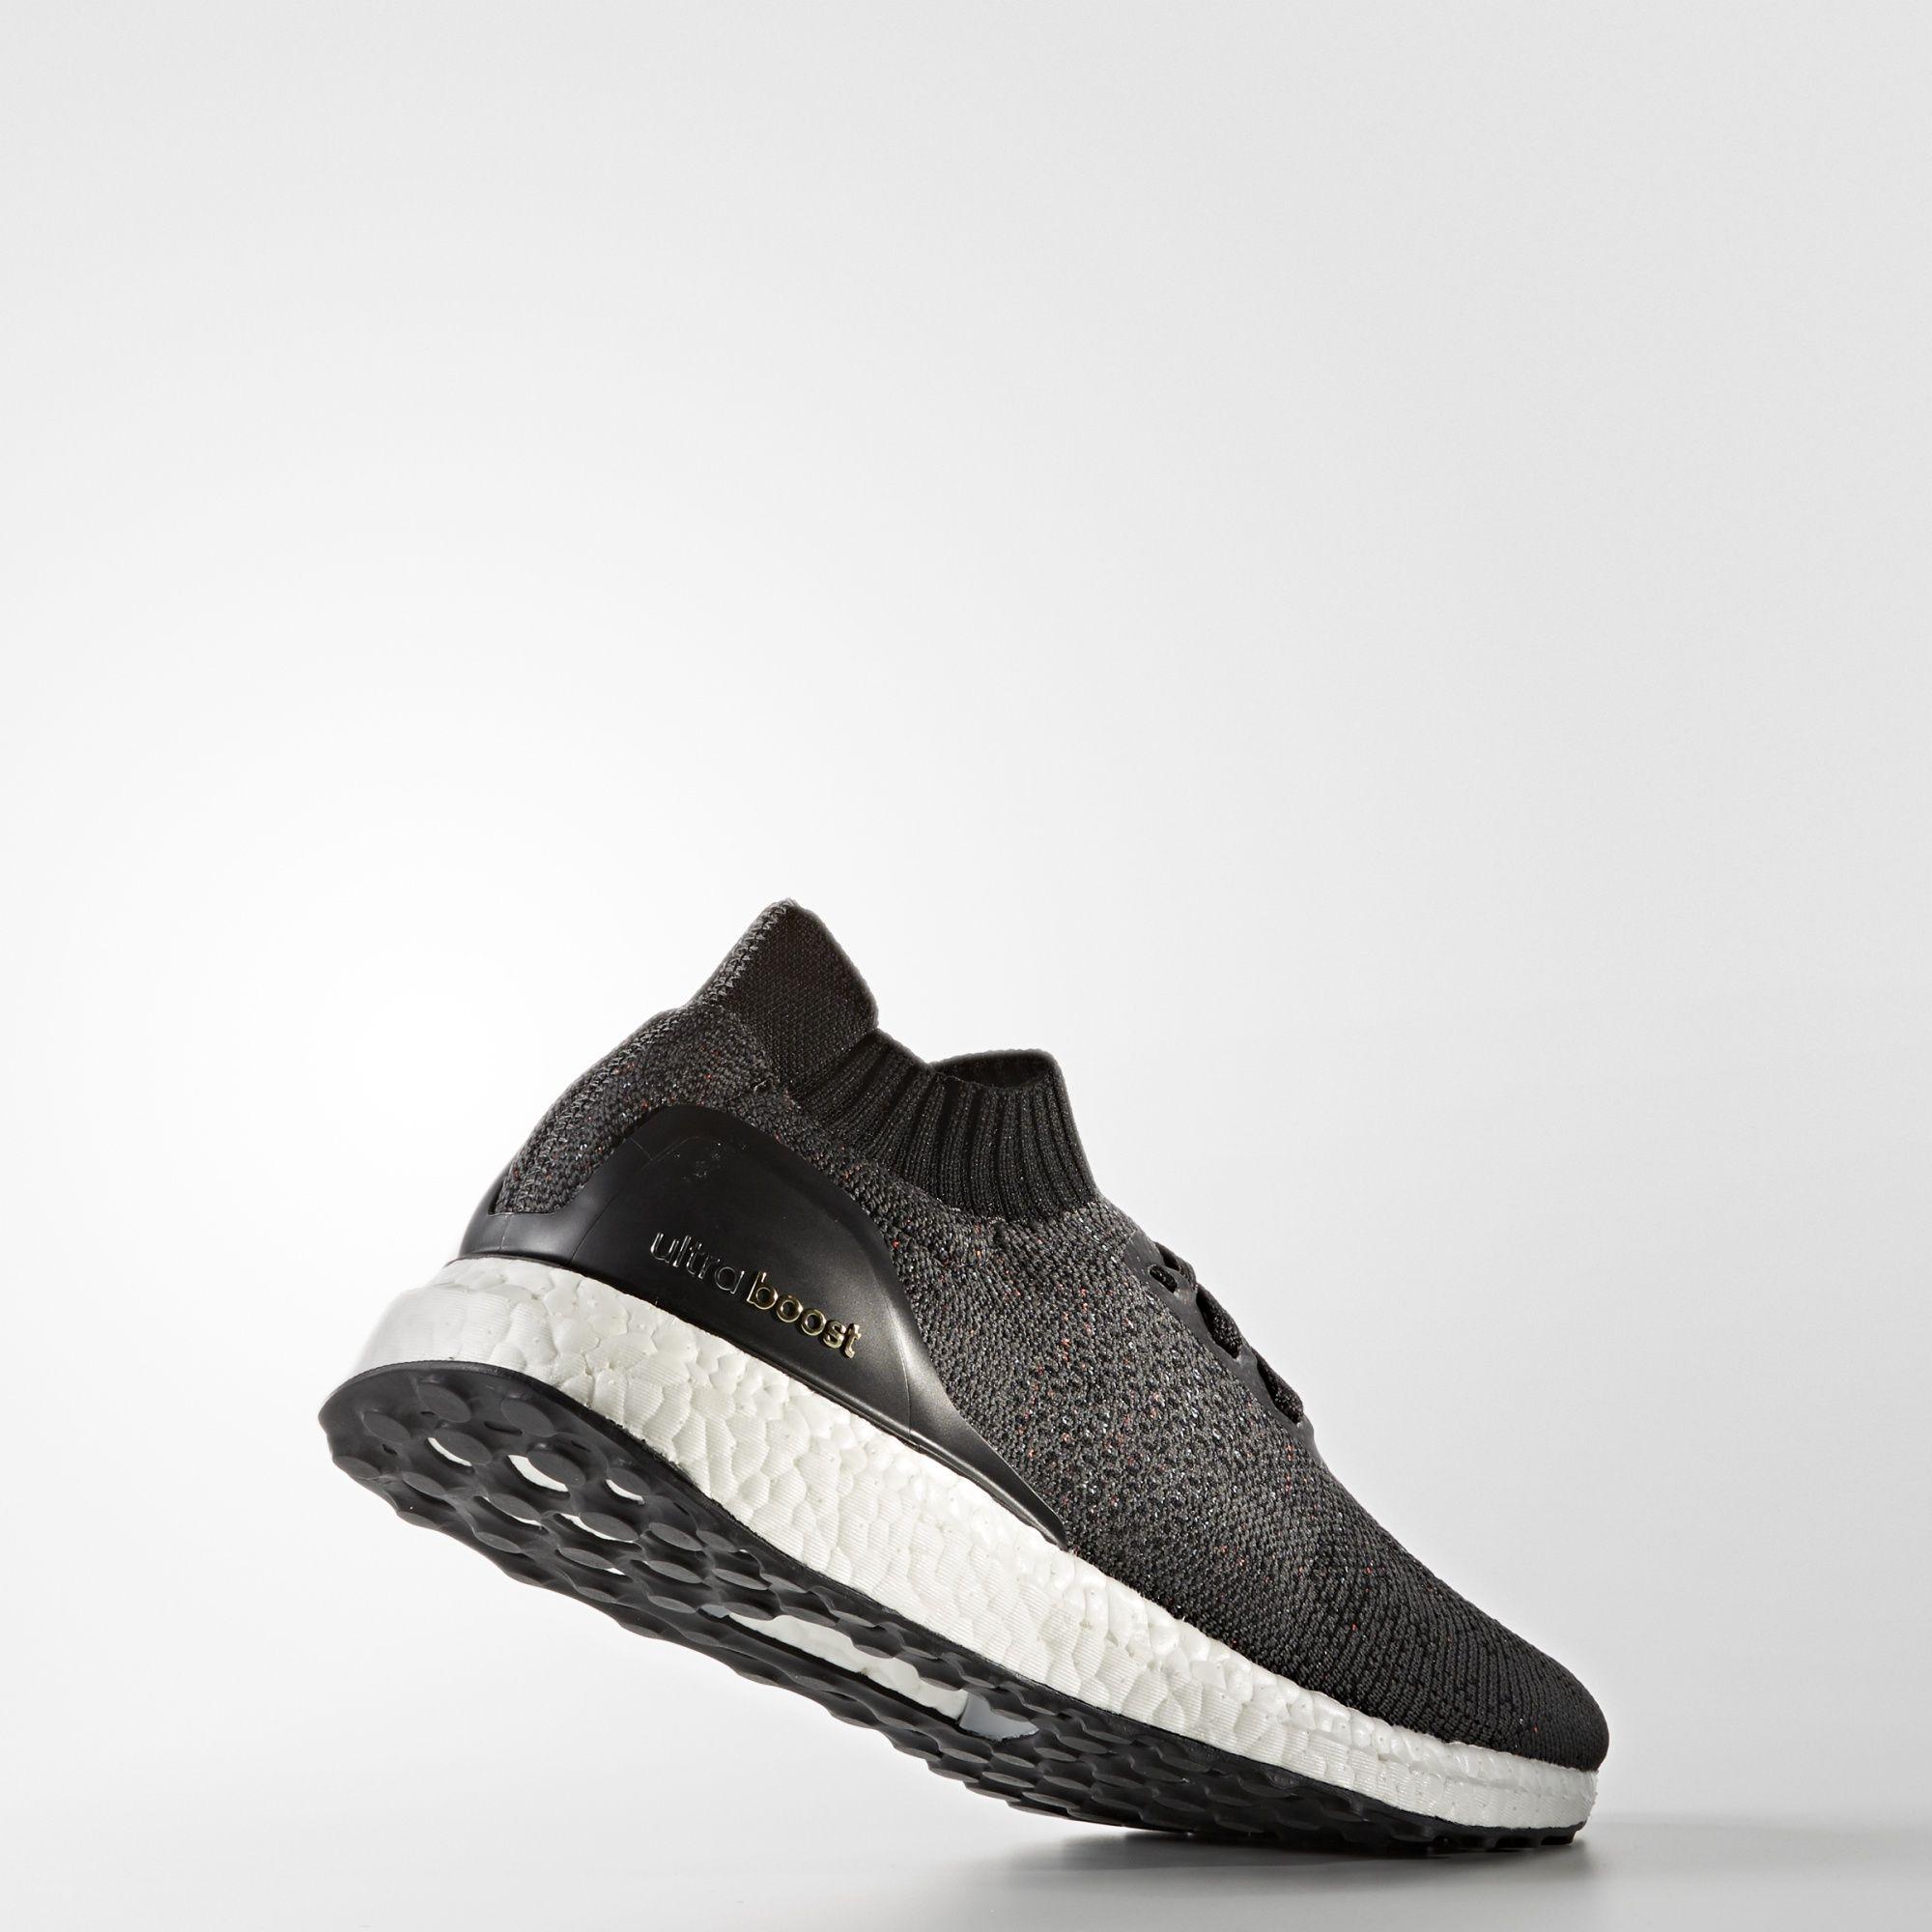 adidas ultra boost uncaged grey black BB4486 4